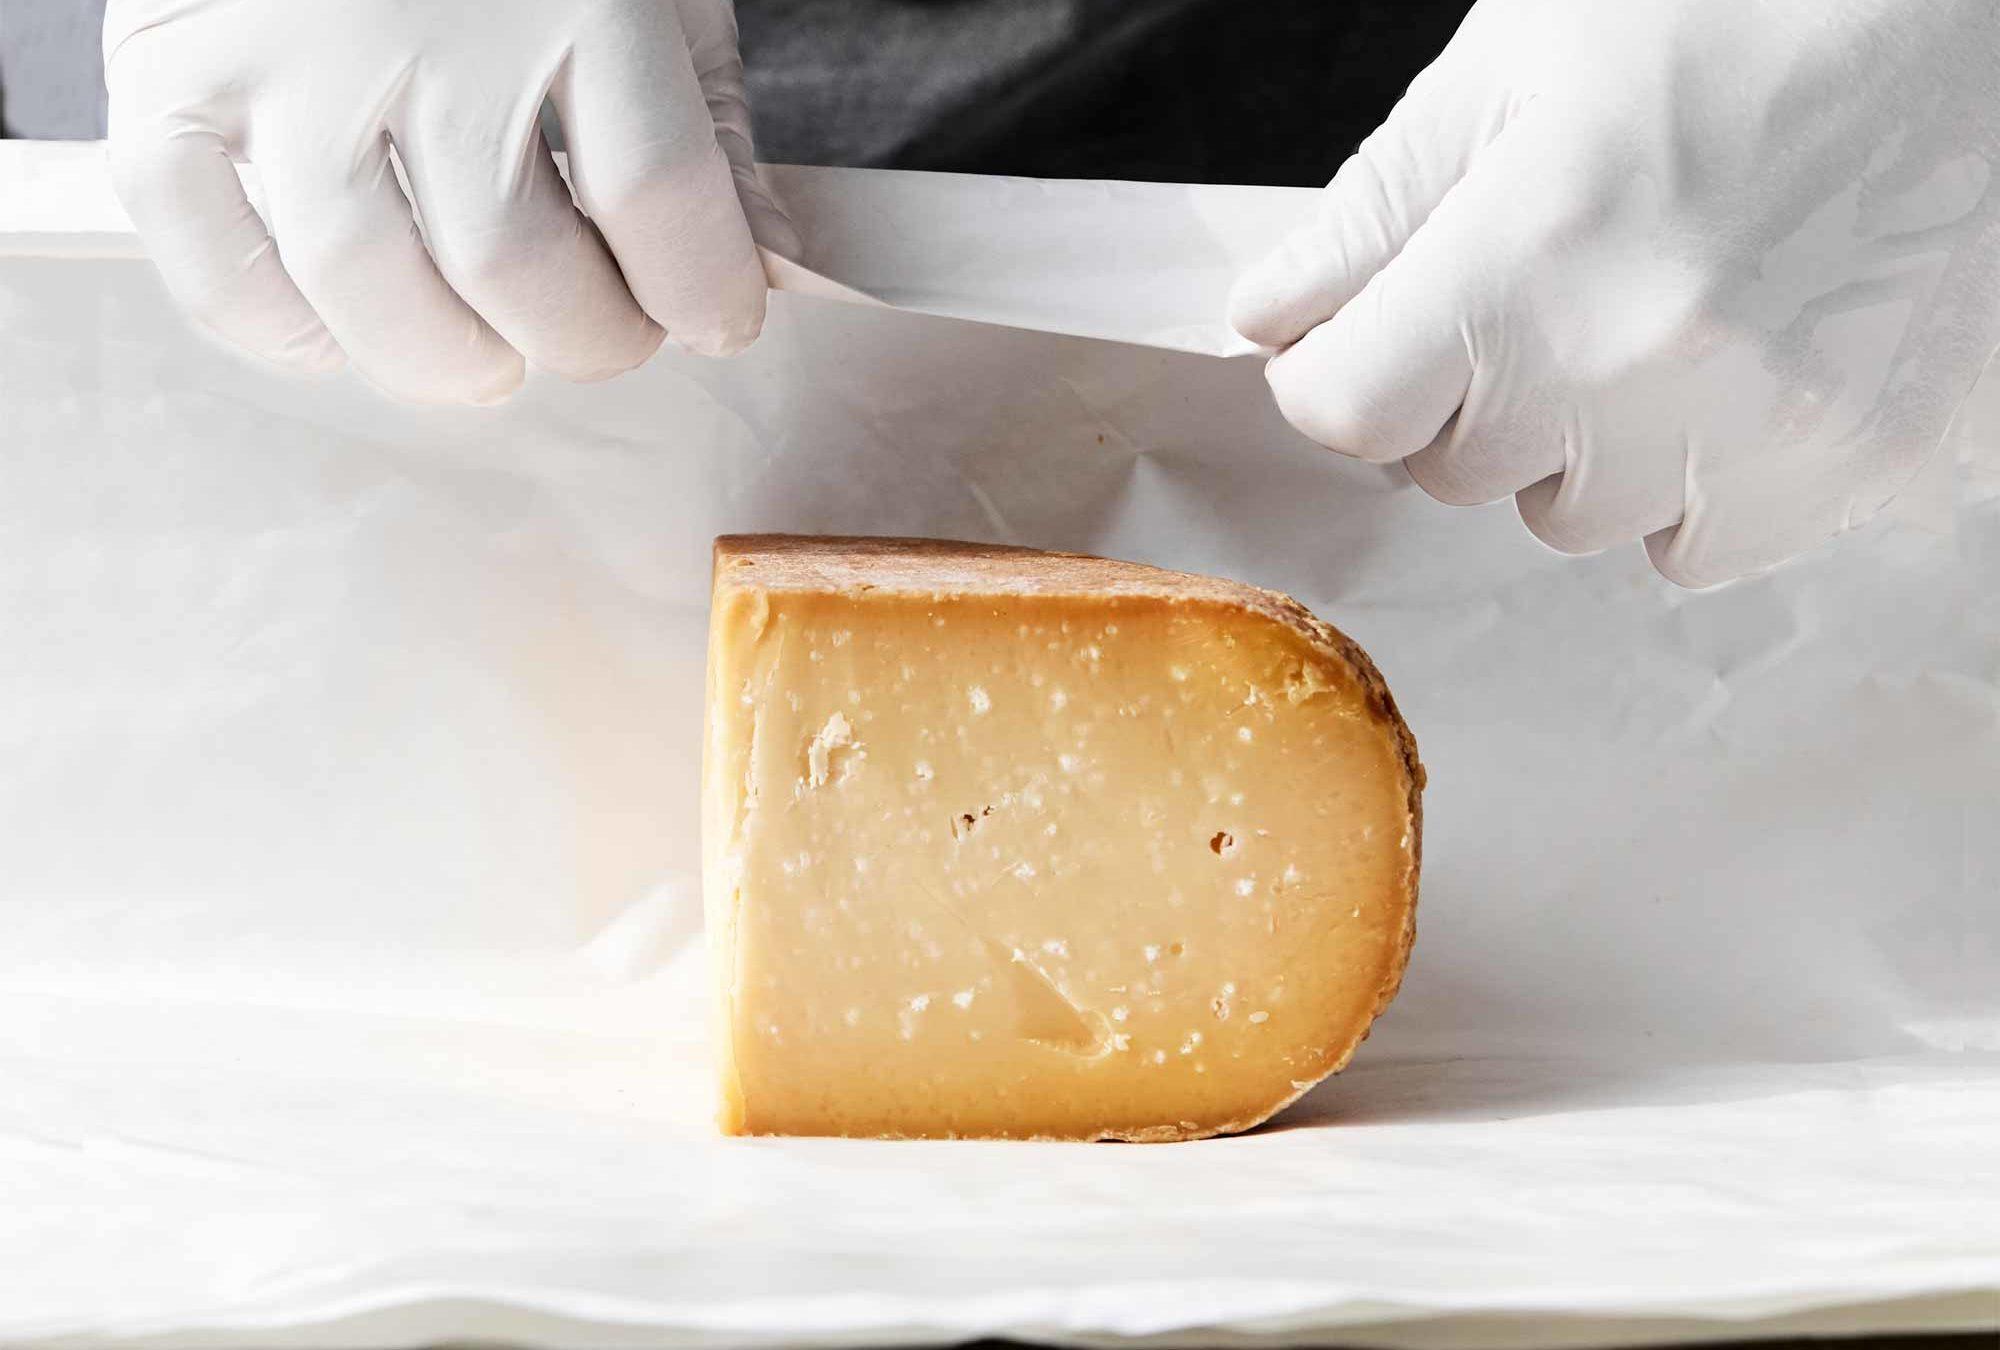 Bliv meget klogere på opbevaring af ost, hvordan en ost skal pakkes ind, og hvor længe den kan holde sig i både køleskab og fryser.